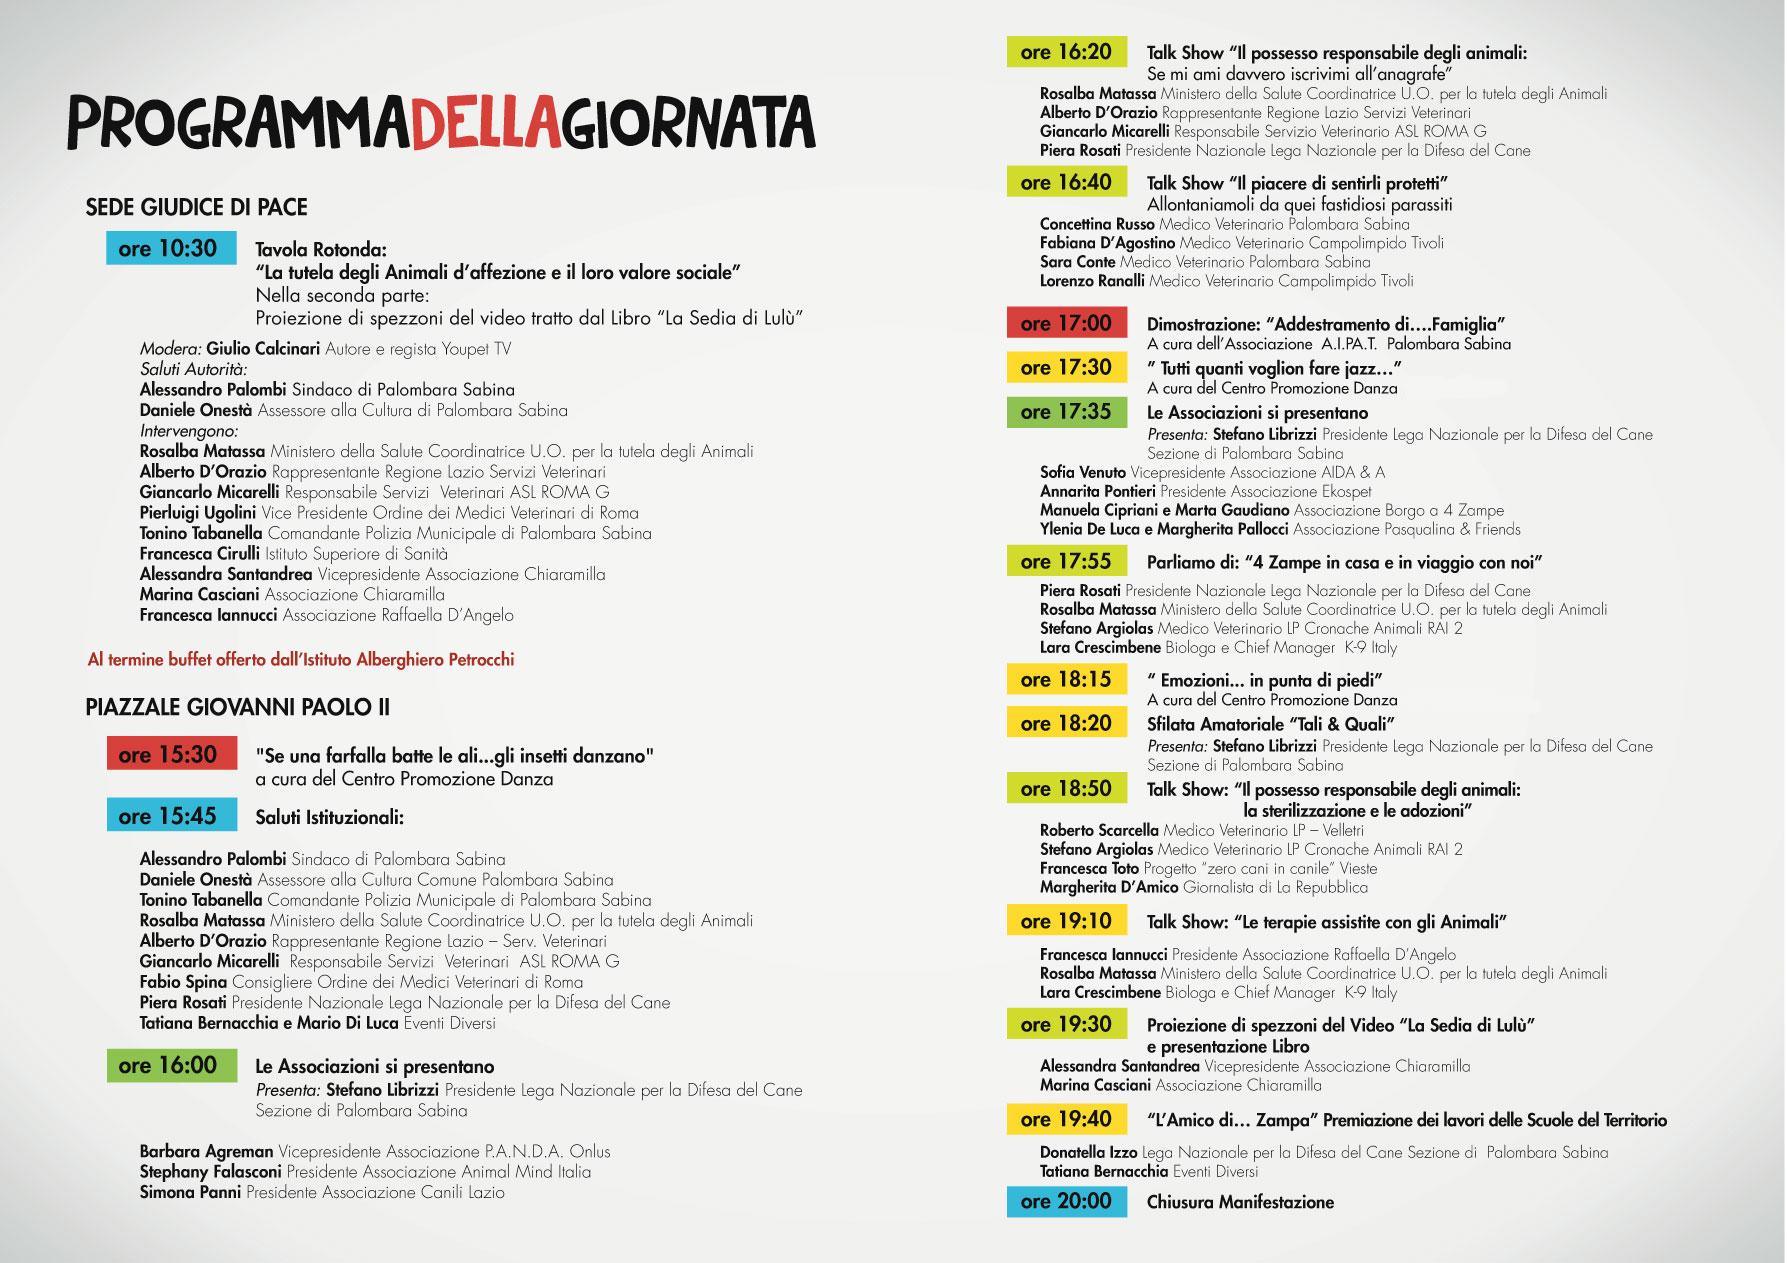 WEB_animale-a-chi_palombara_sabina_programma